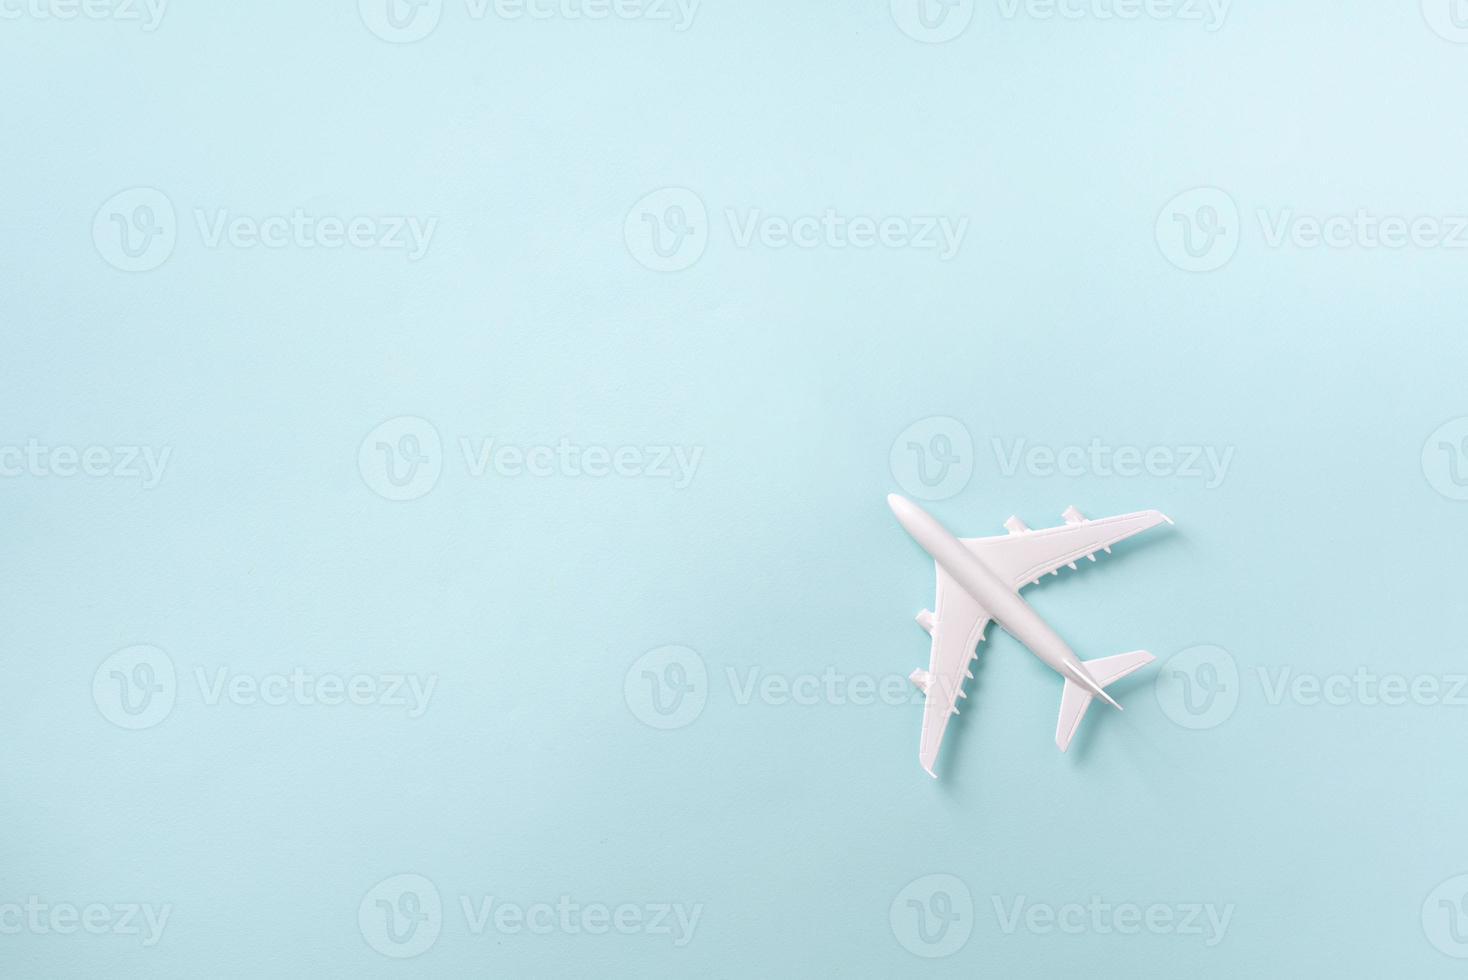 vitt plan, flygplan på blå pastellfärgbakgrund med kopieringsutrymme. ovanifrån, platt låg. minimalistisk design. resor, semester koncept foto